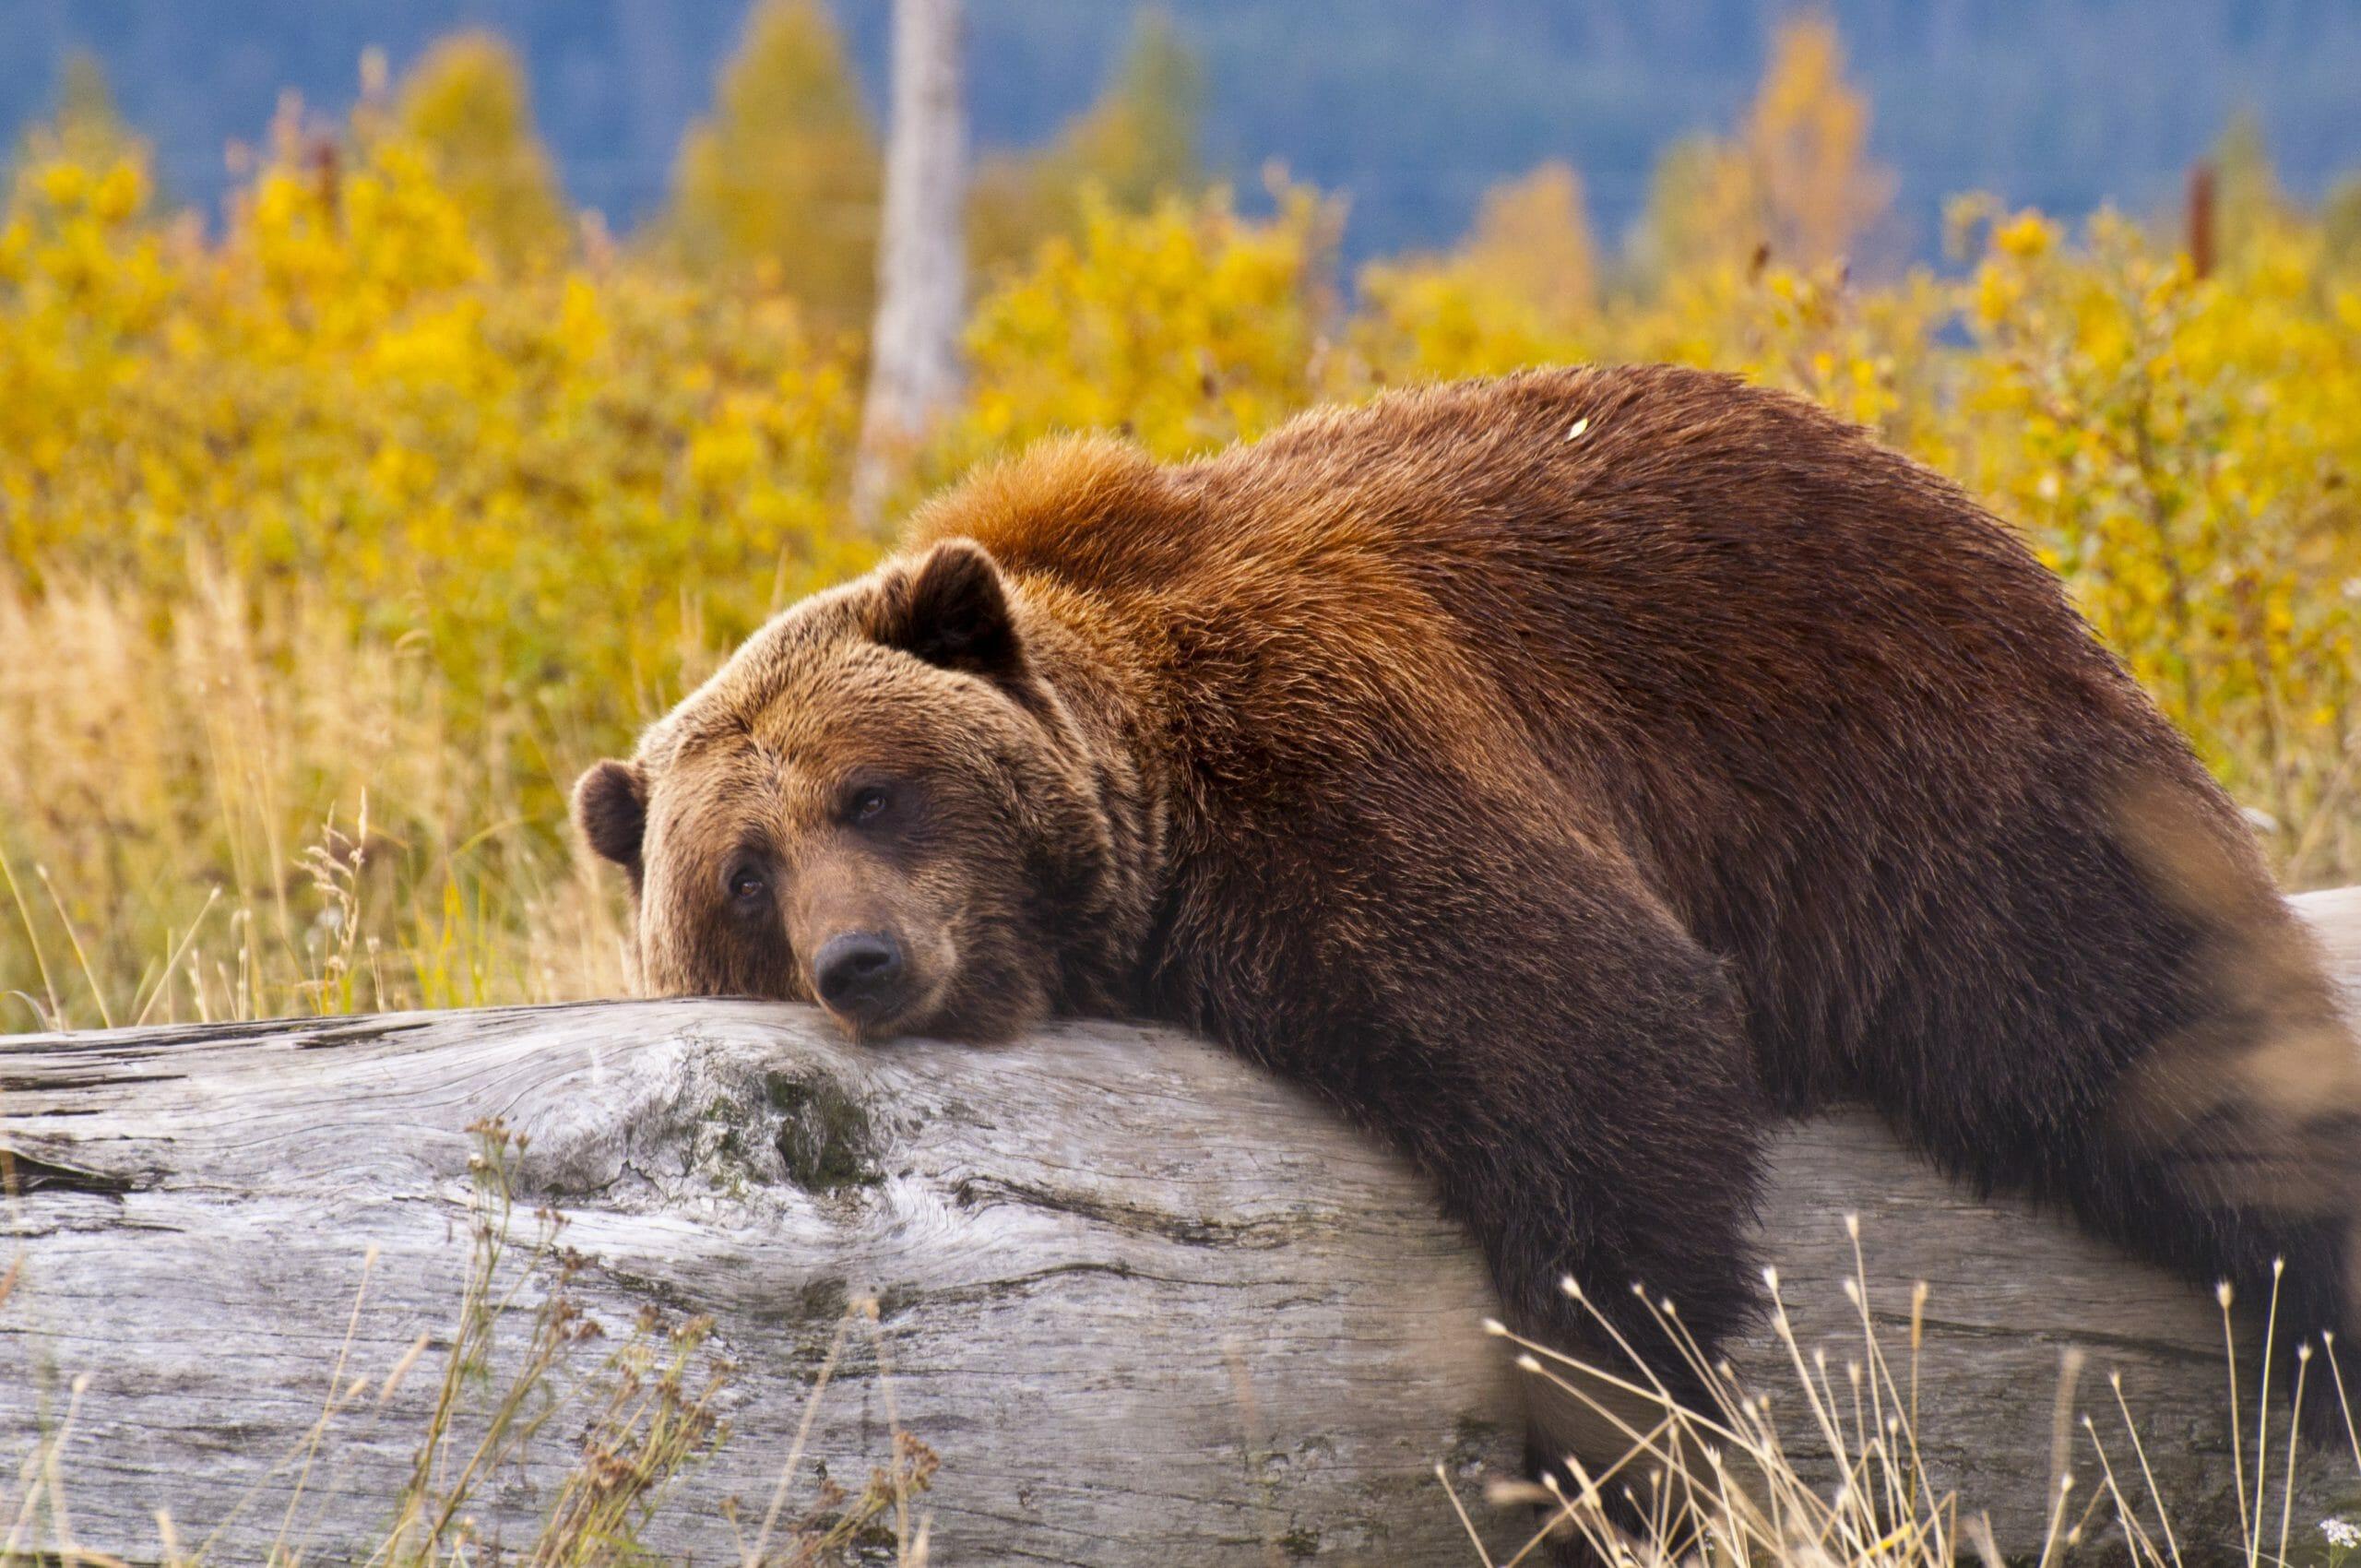 I fødekæden er du på samme niveau som en bjørn